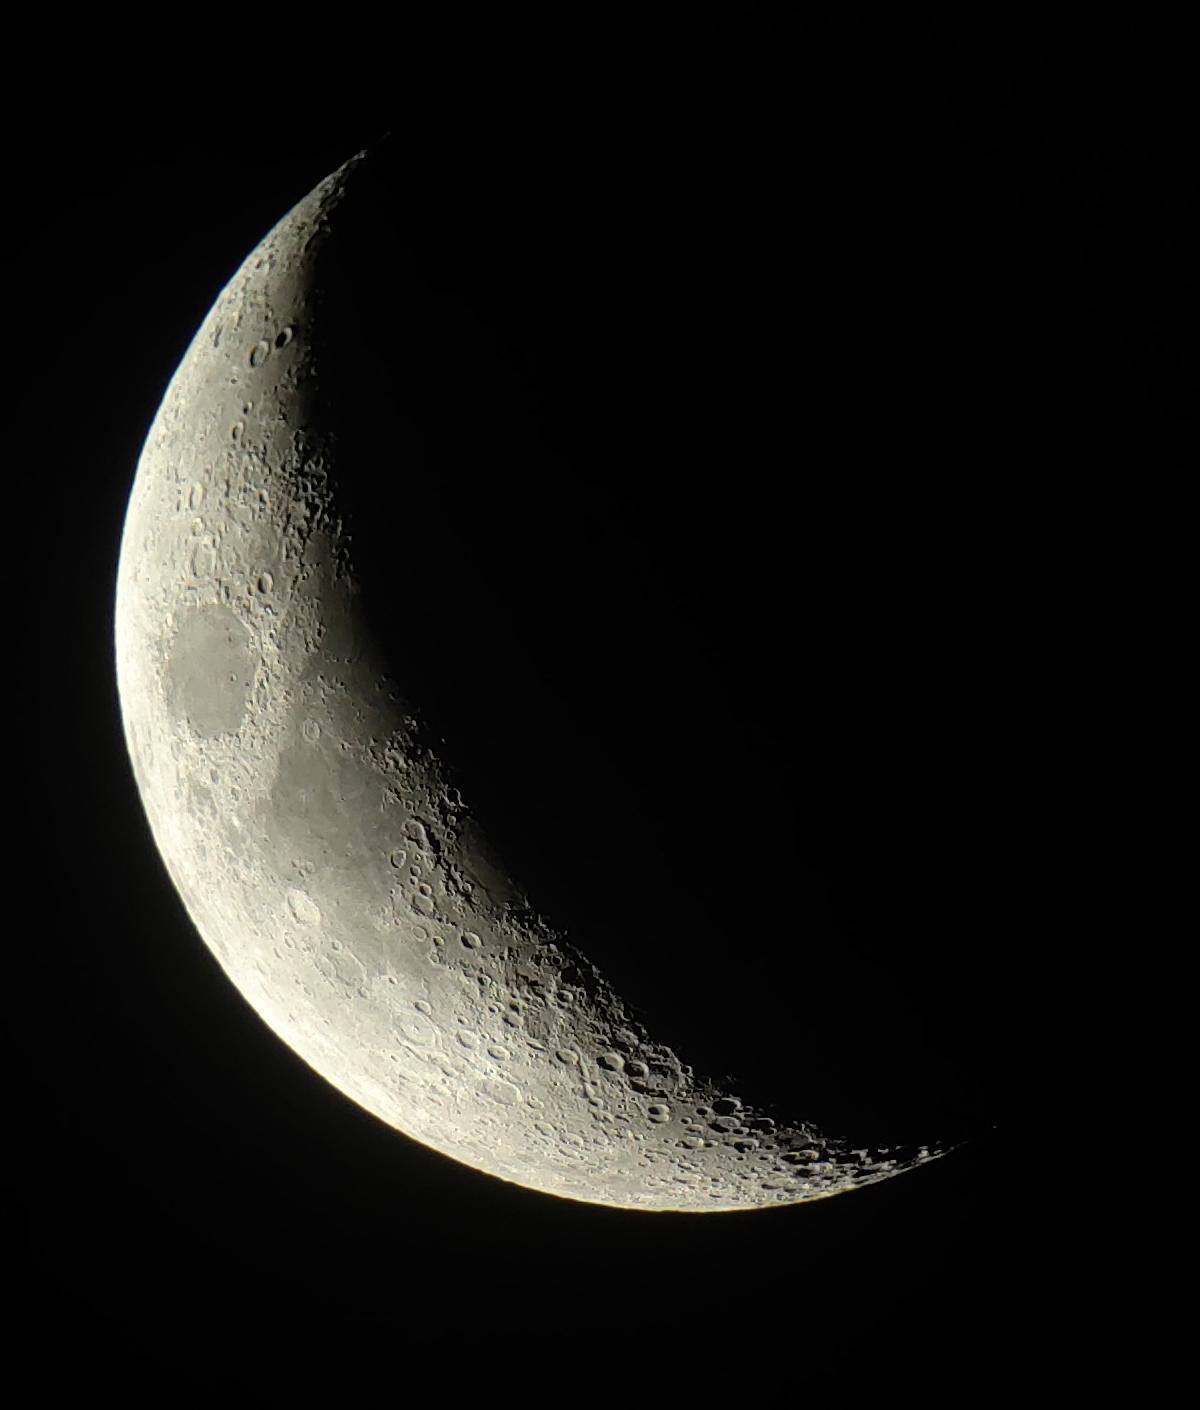 38倍目镜拍月亮效果-100.jpg